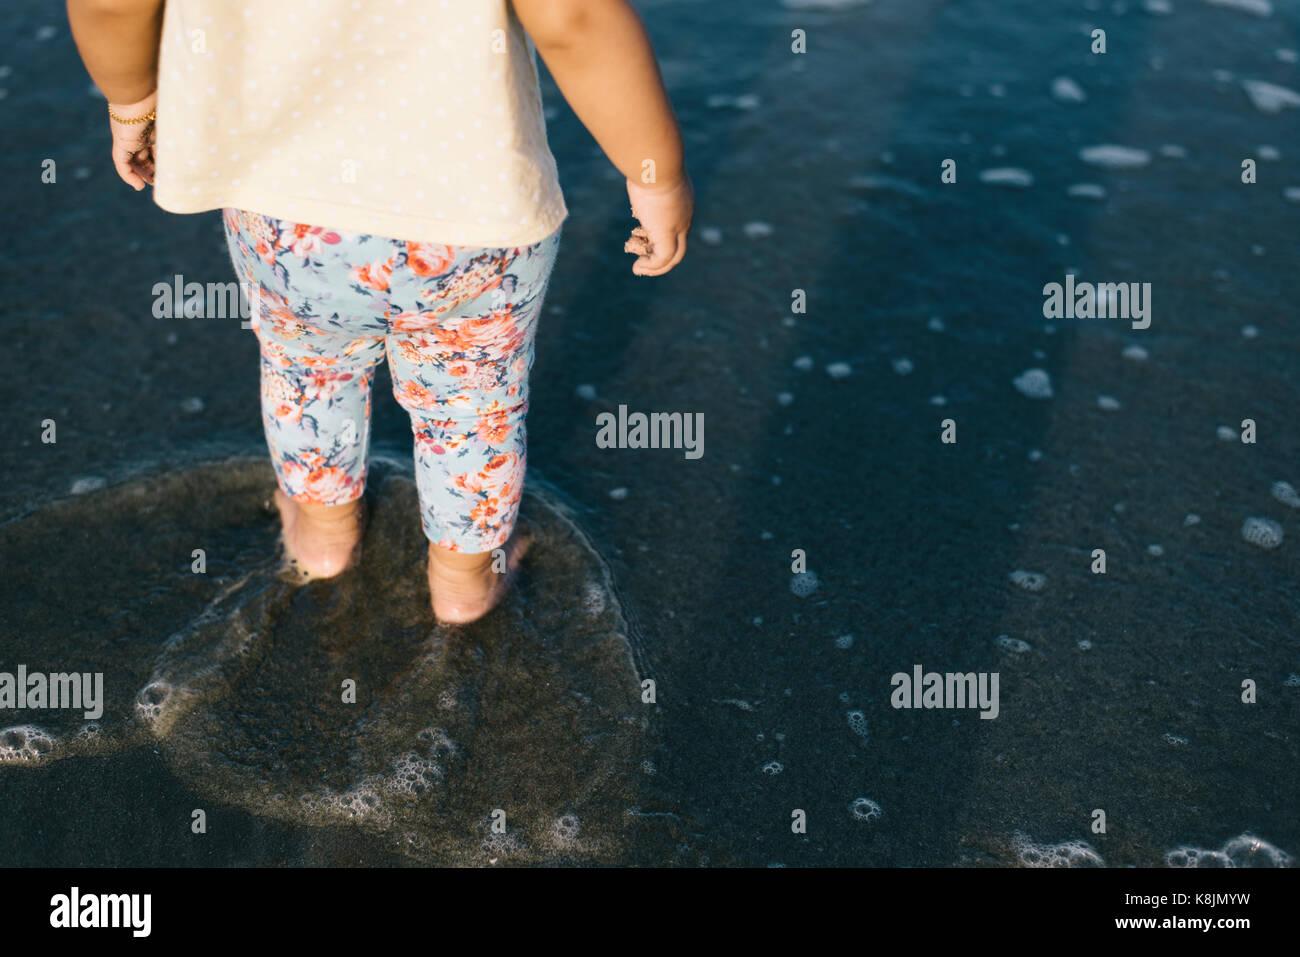 Bebé jugando con las olas en la playa.El crecimiento y el aprendizaje concepto concepto de familia y la crianza Imagen De Stock